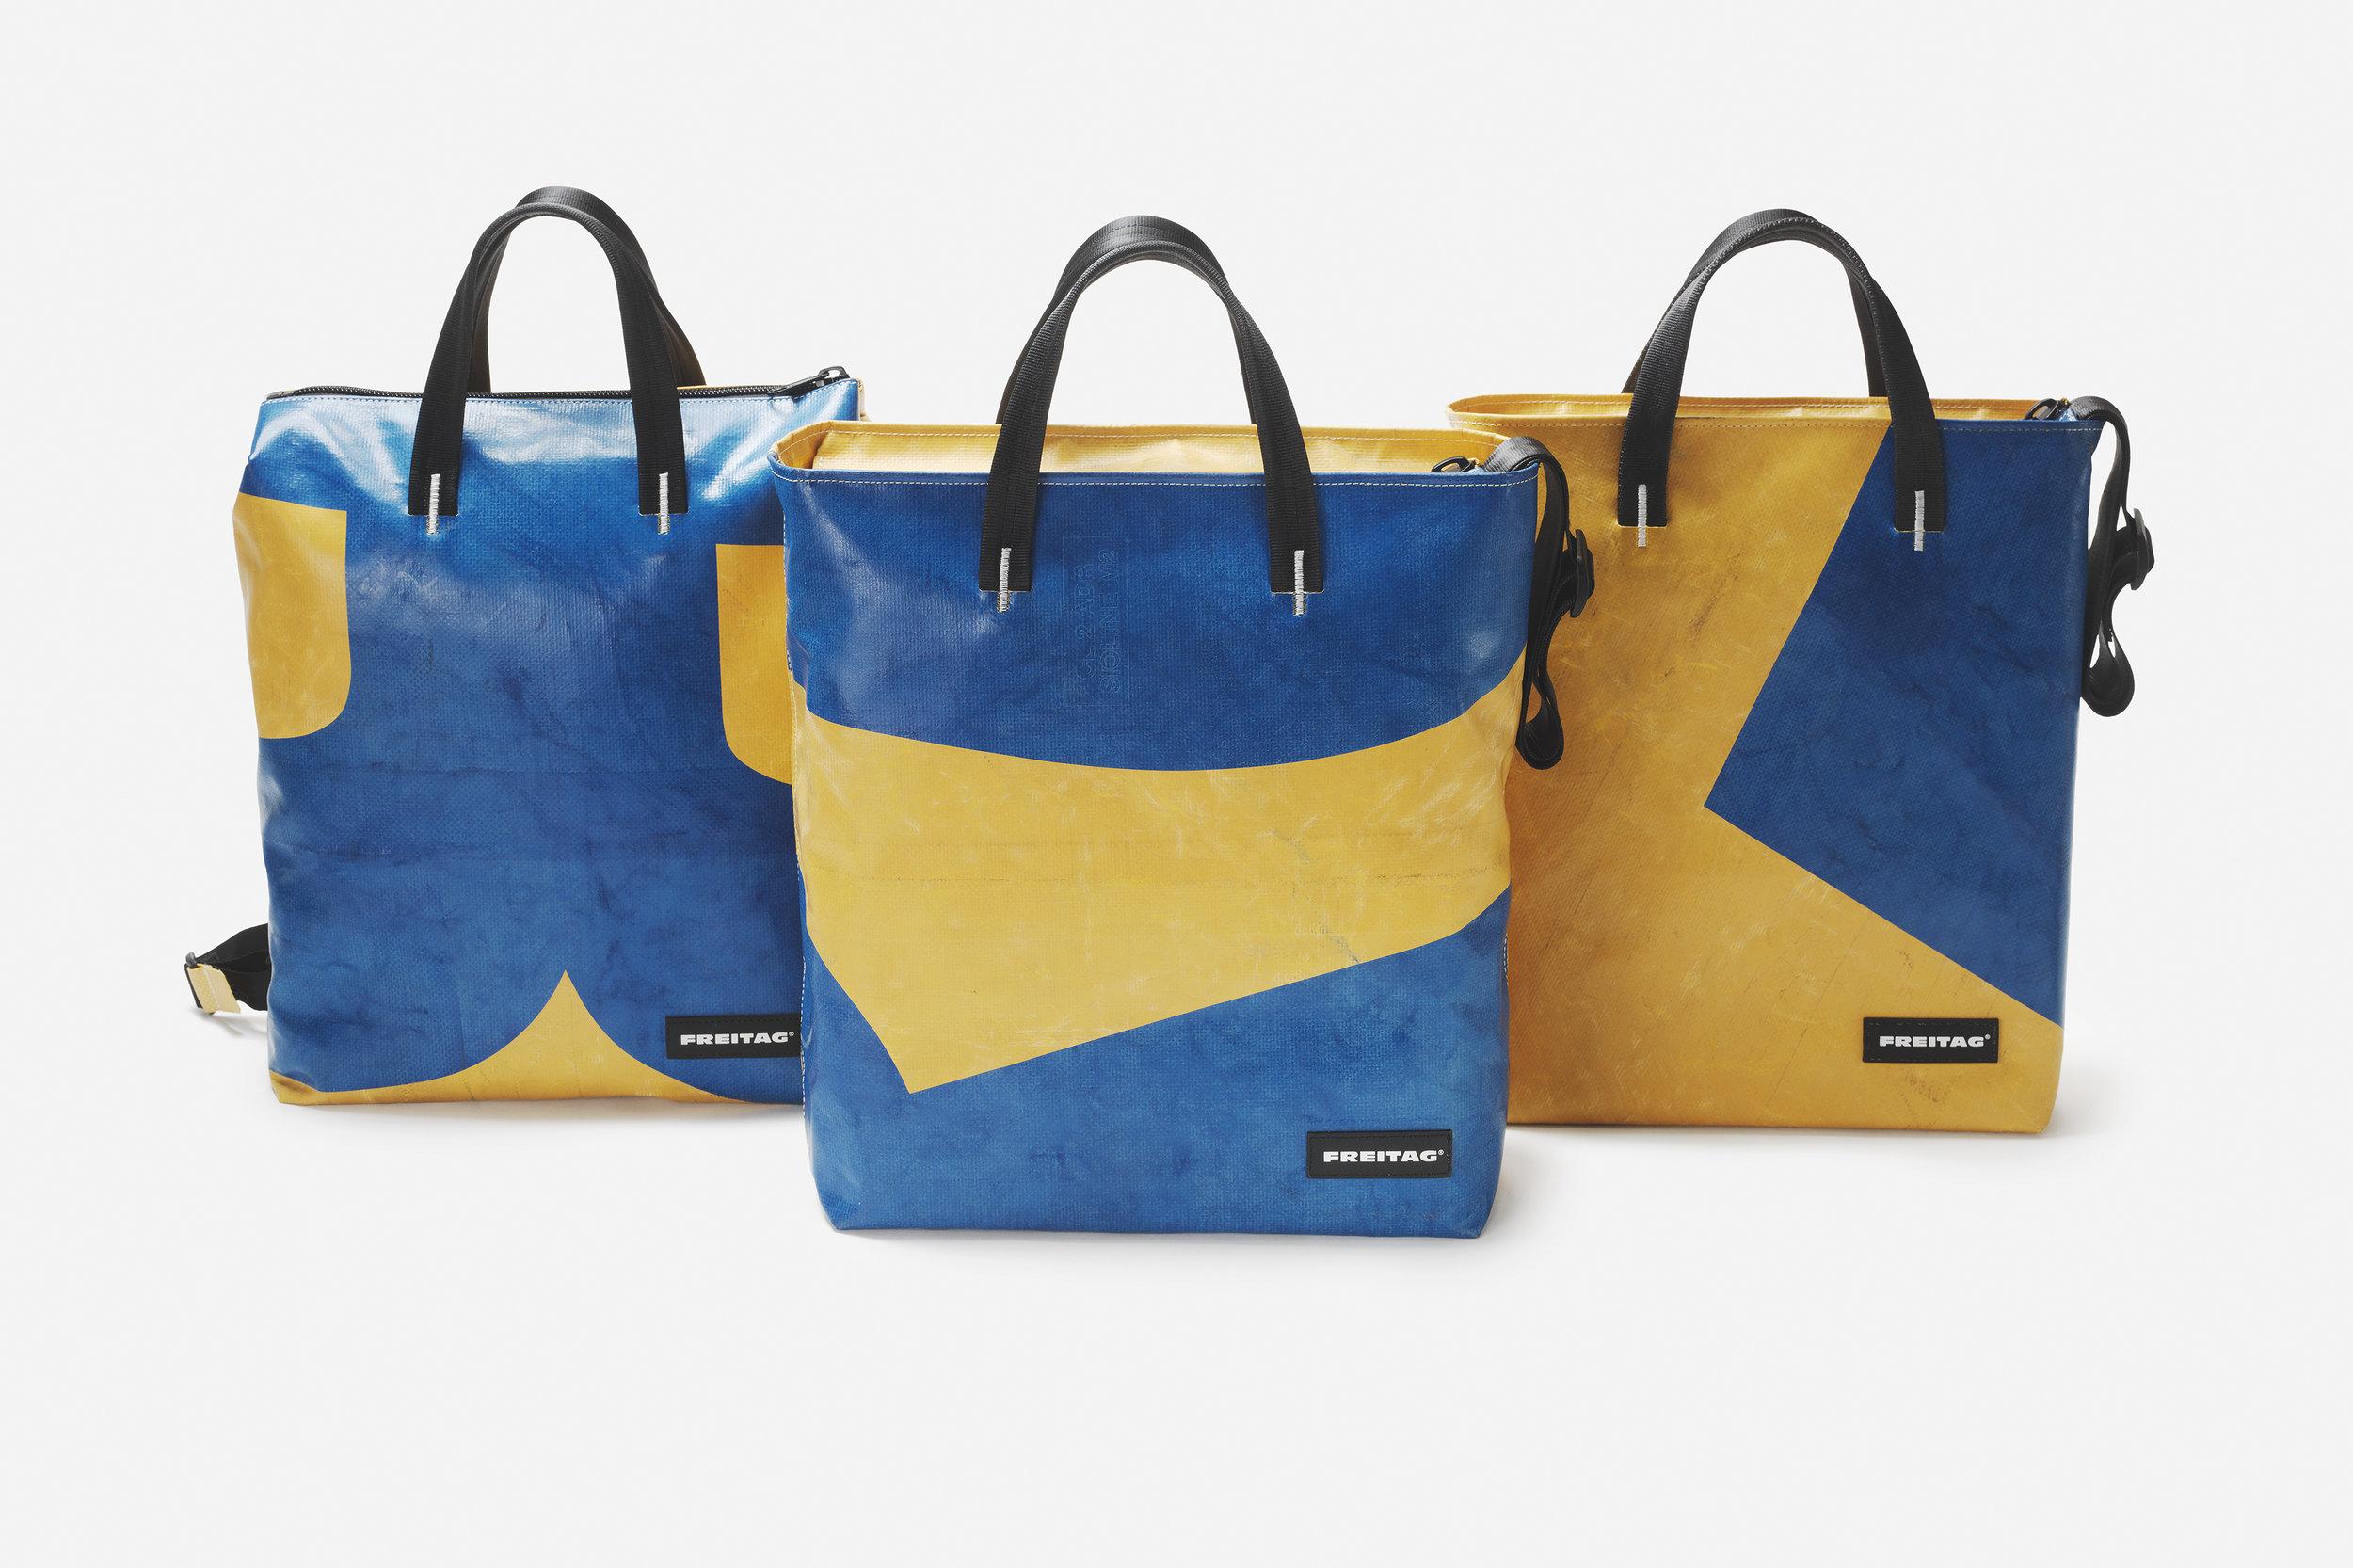 f201-203_blue-yellow_nanzig_highres.jpg